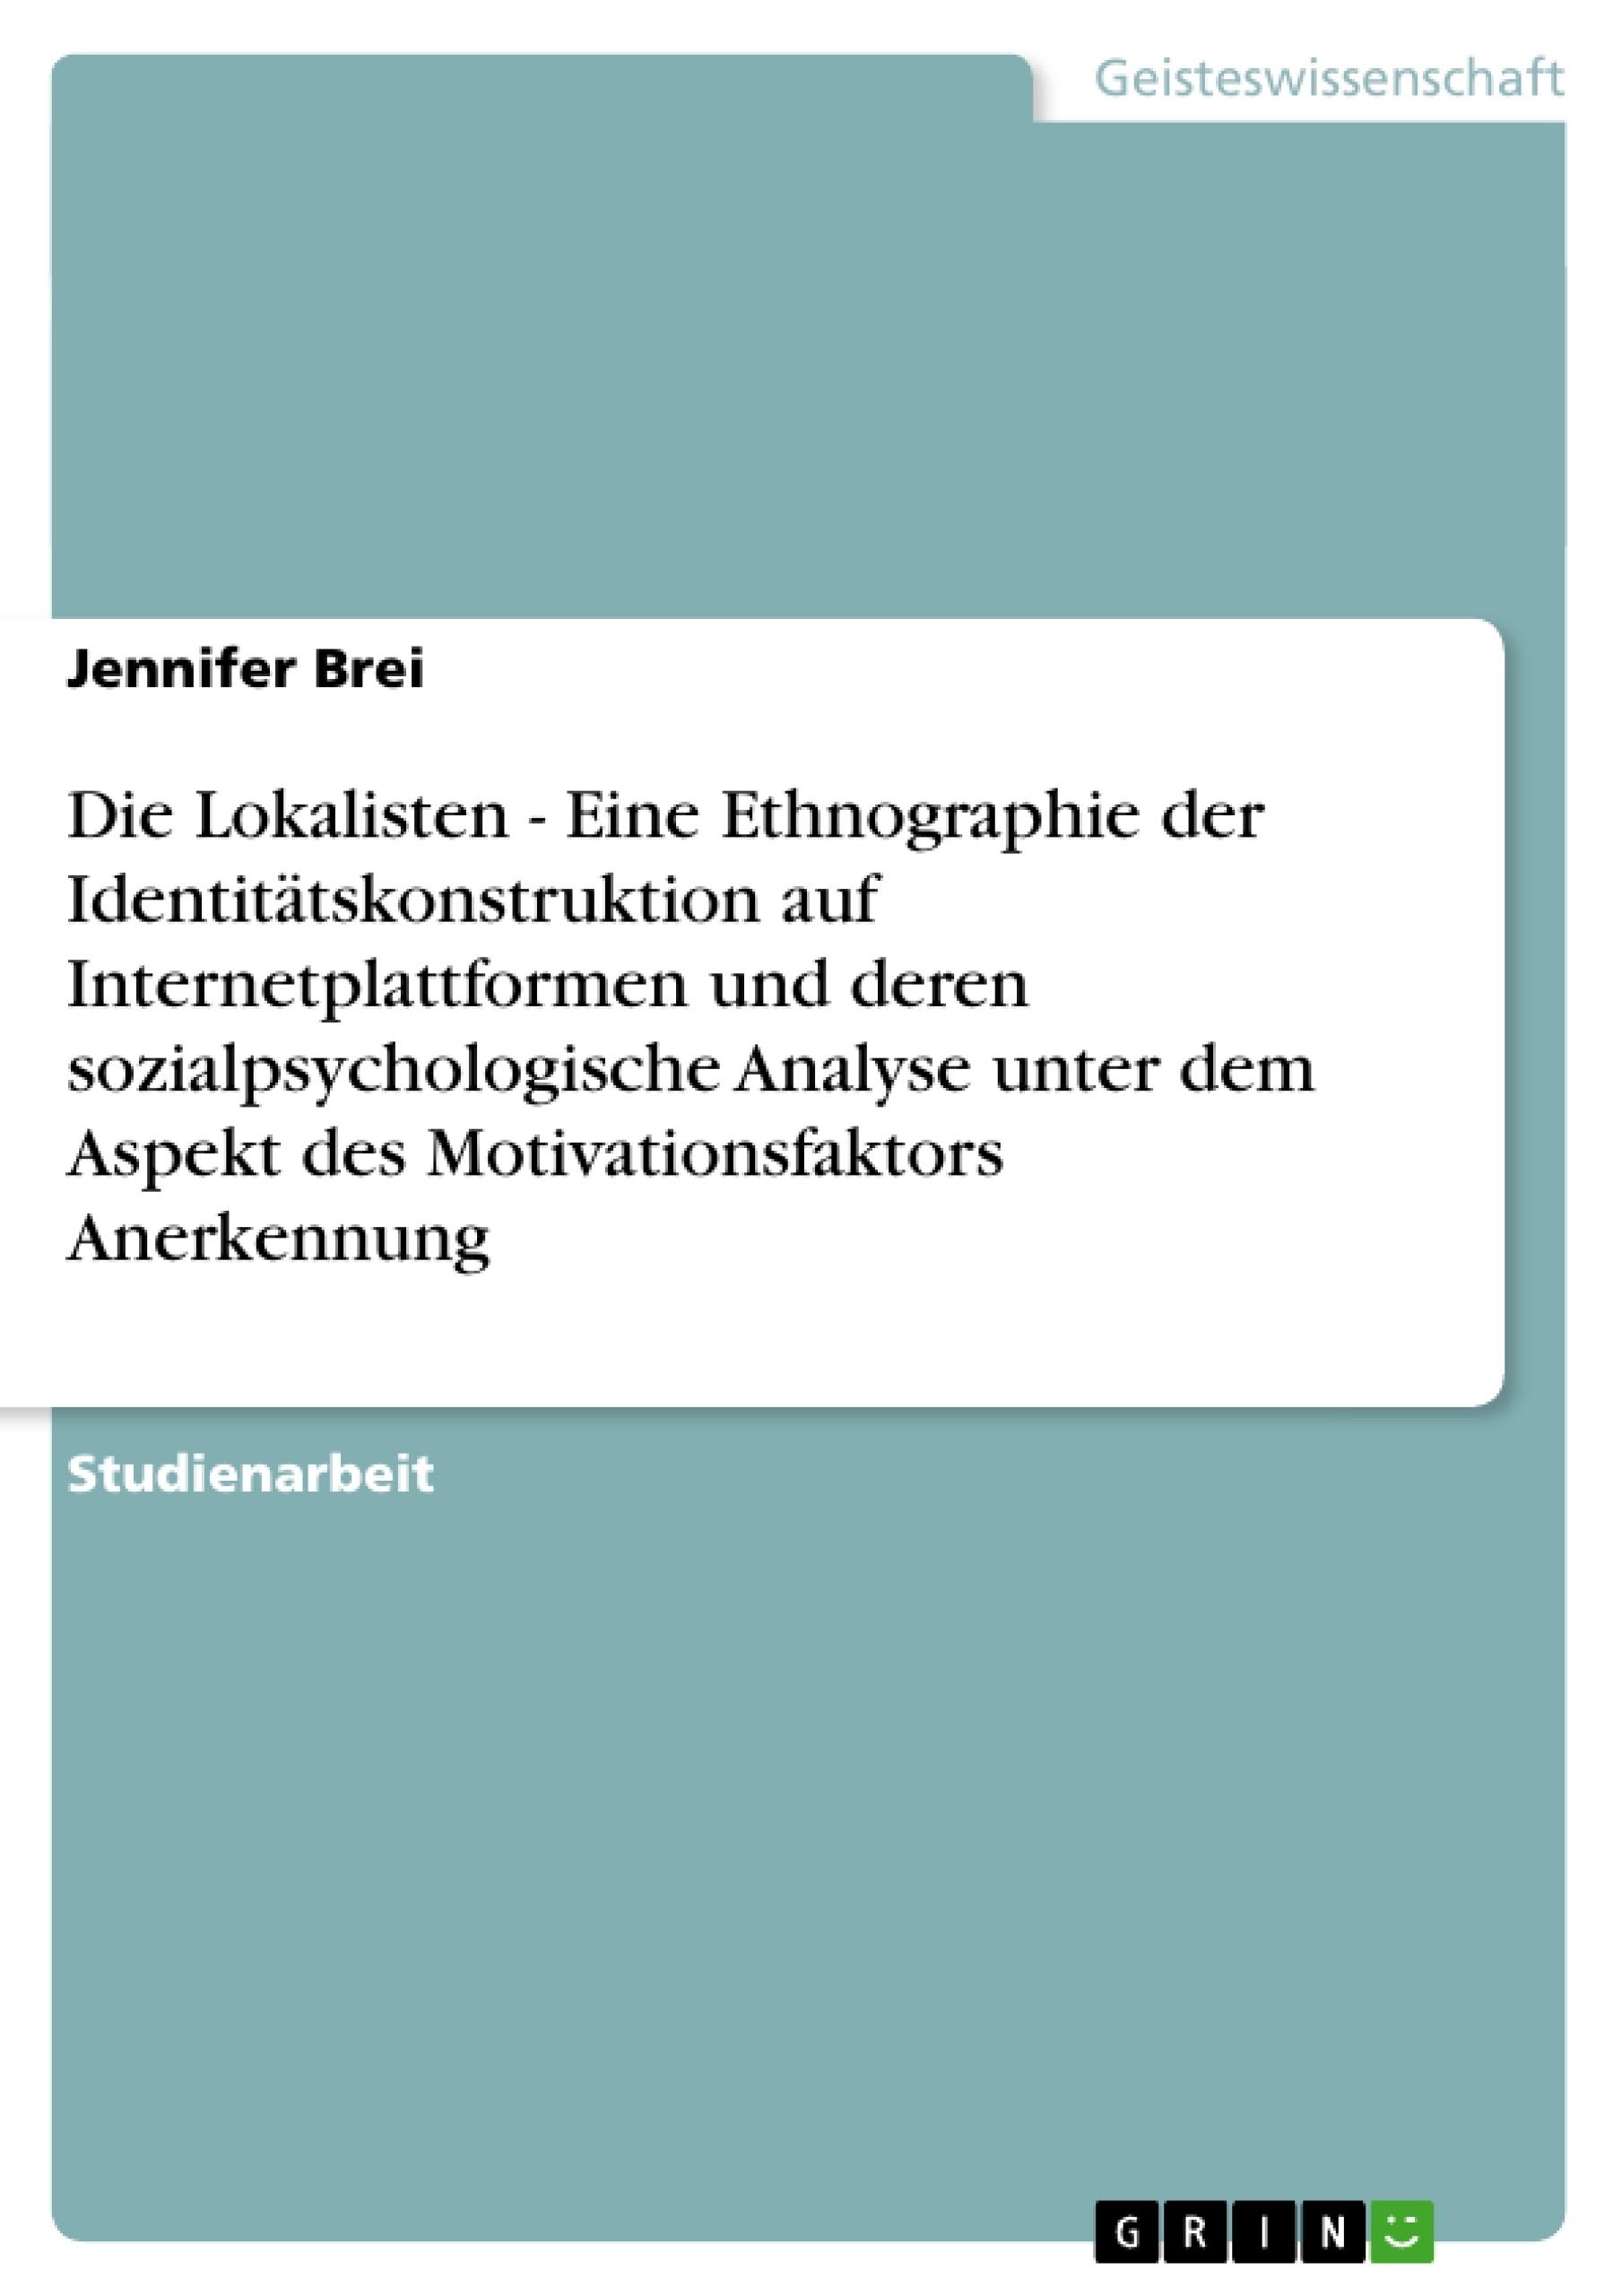 Titel: Die Lokalisten - Eine Ethnographie der Identitätskonstruktion auf Internetplattformen und deren sozialpsychologische Analyse unter dem Aspekt des Motivationsfaktors Anerkennung